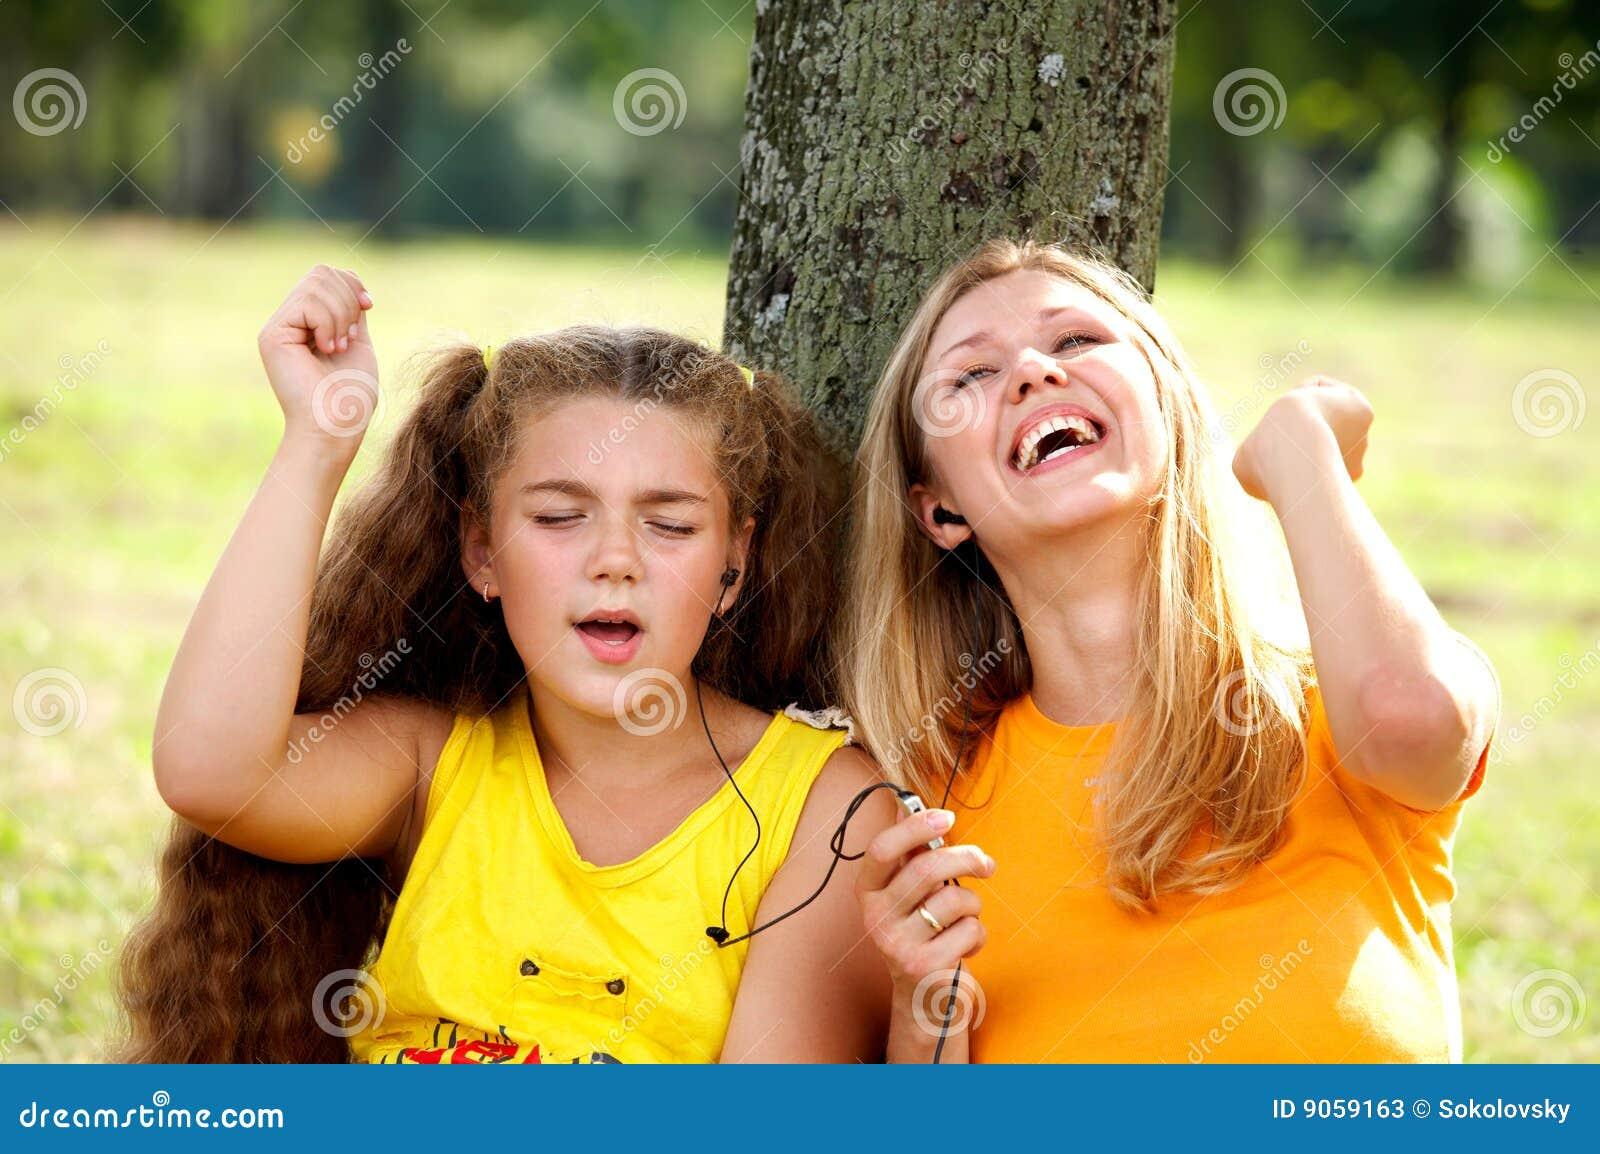 Daughter funny listening mom music